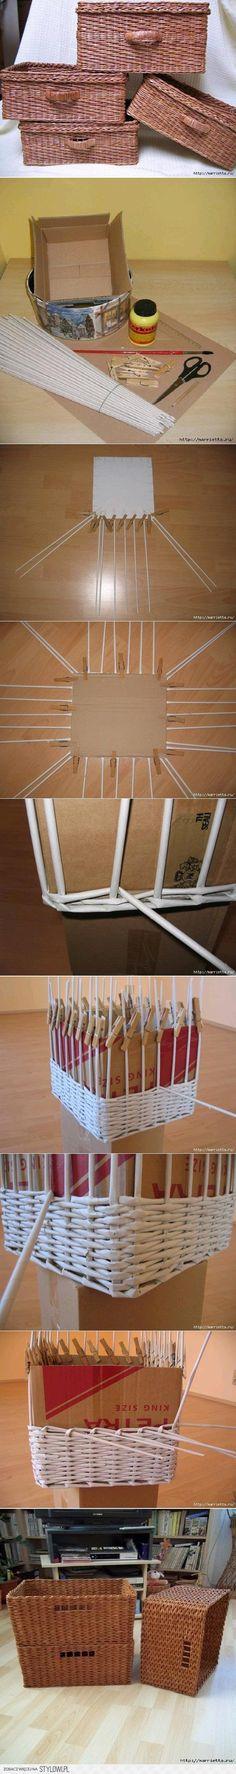 DIY Newspaper Weave Basket DIY Projects   UsefulDIY.com na Stylowi.pl